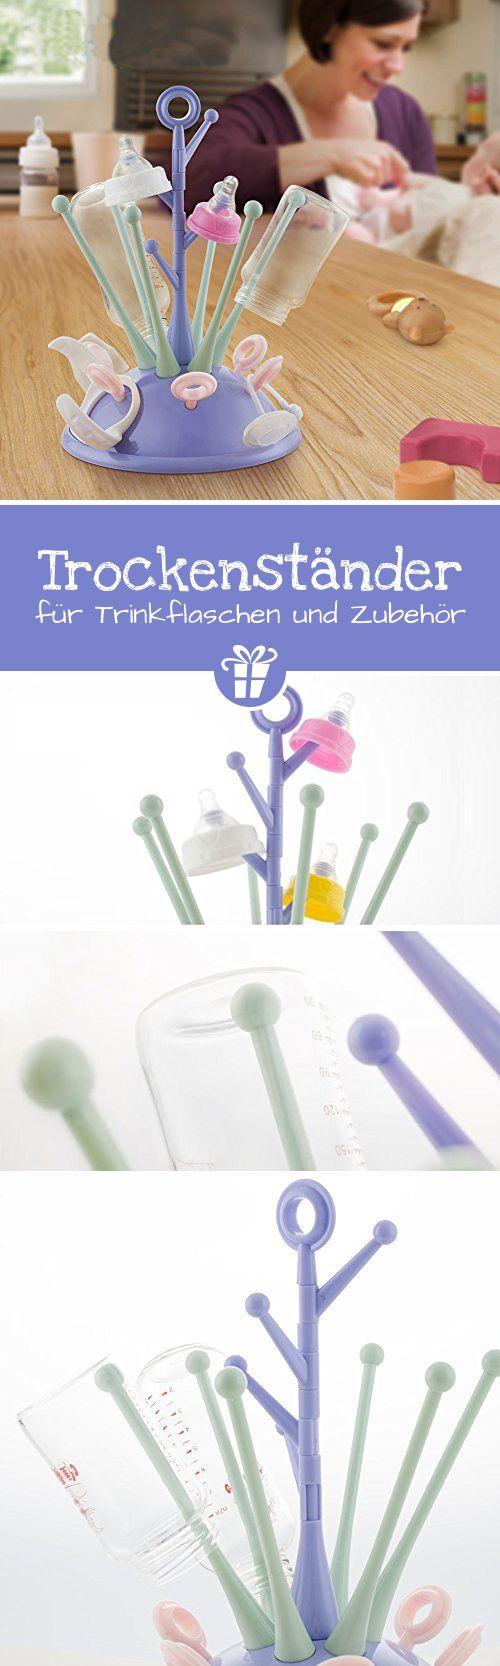 Ailina Trockenständer - praktisches Trocknen von bis zu 6 Flaschen und Zubehör, BPA-frei. Platzsparend, hygienisch und vielseitig. - lustige Geschenkideen | ausgefallene Geschenkideen | coole Gadgets | Geek Gadgets | Gadgets Gifts (*Partner-Link)